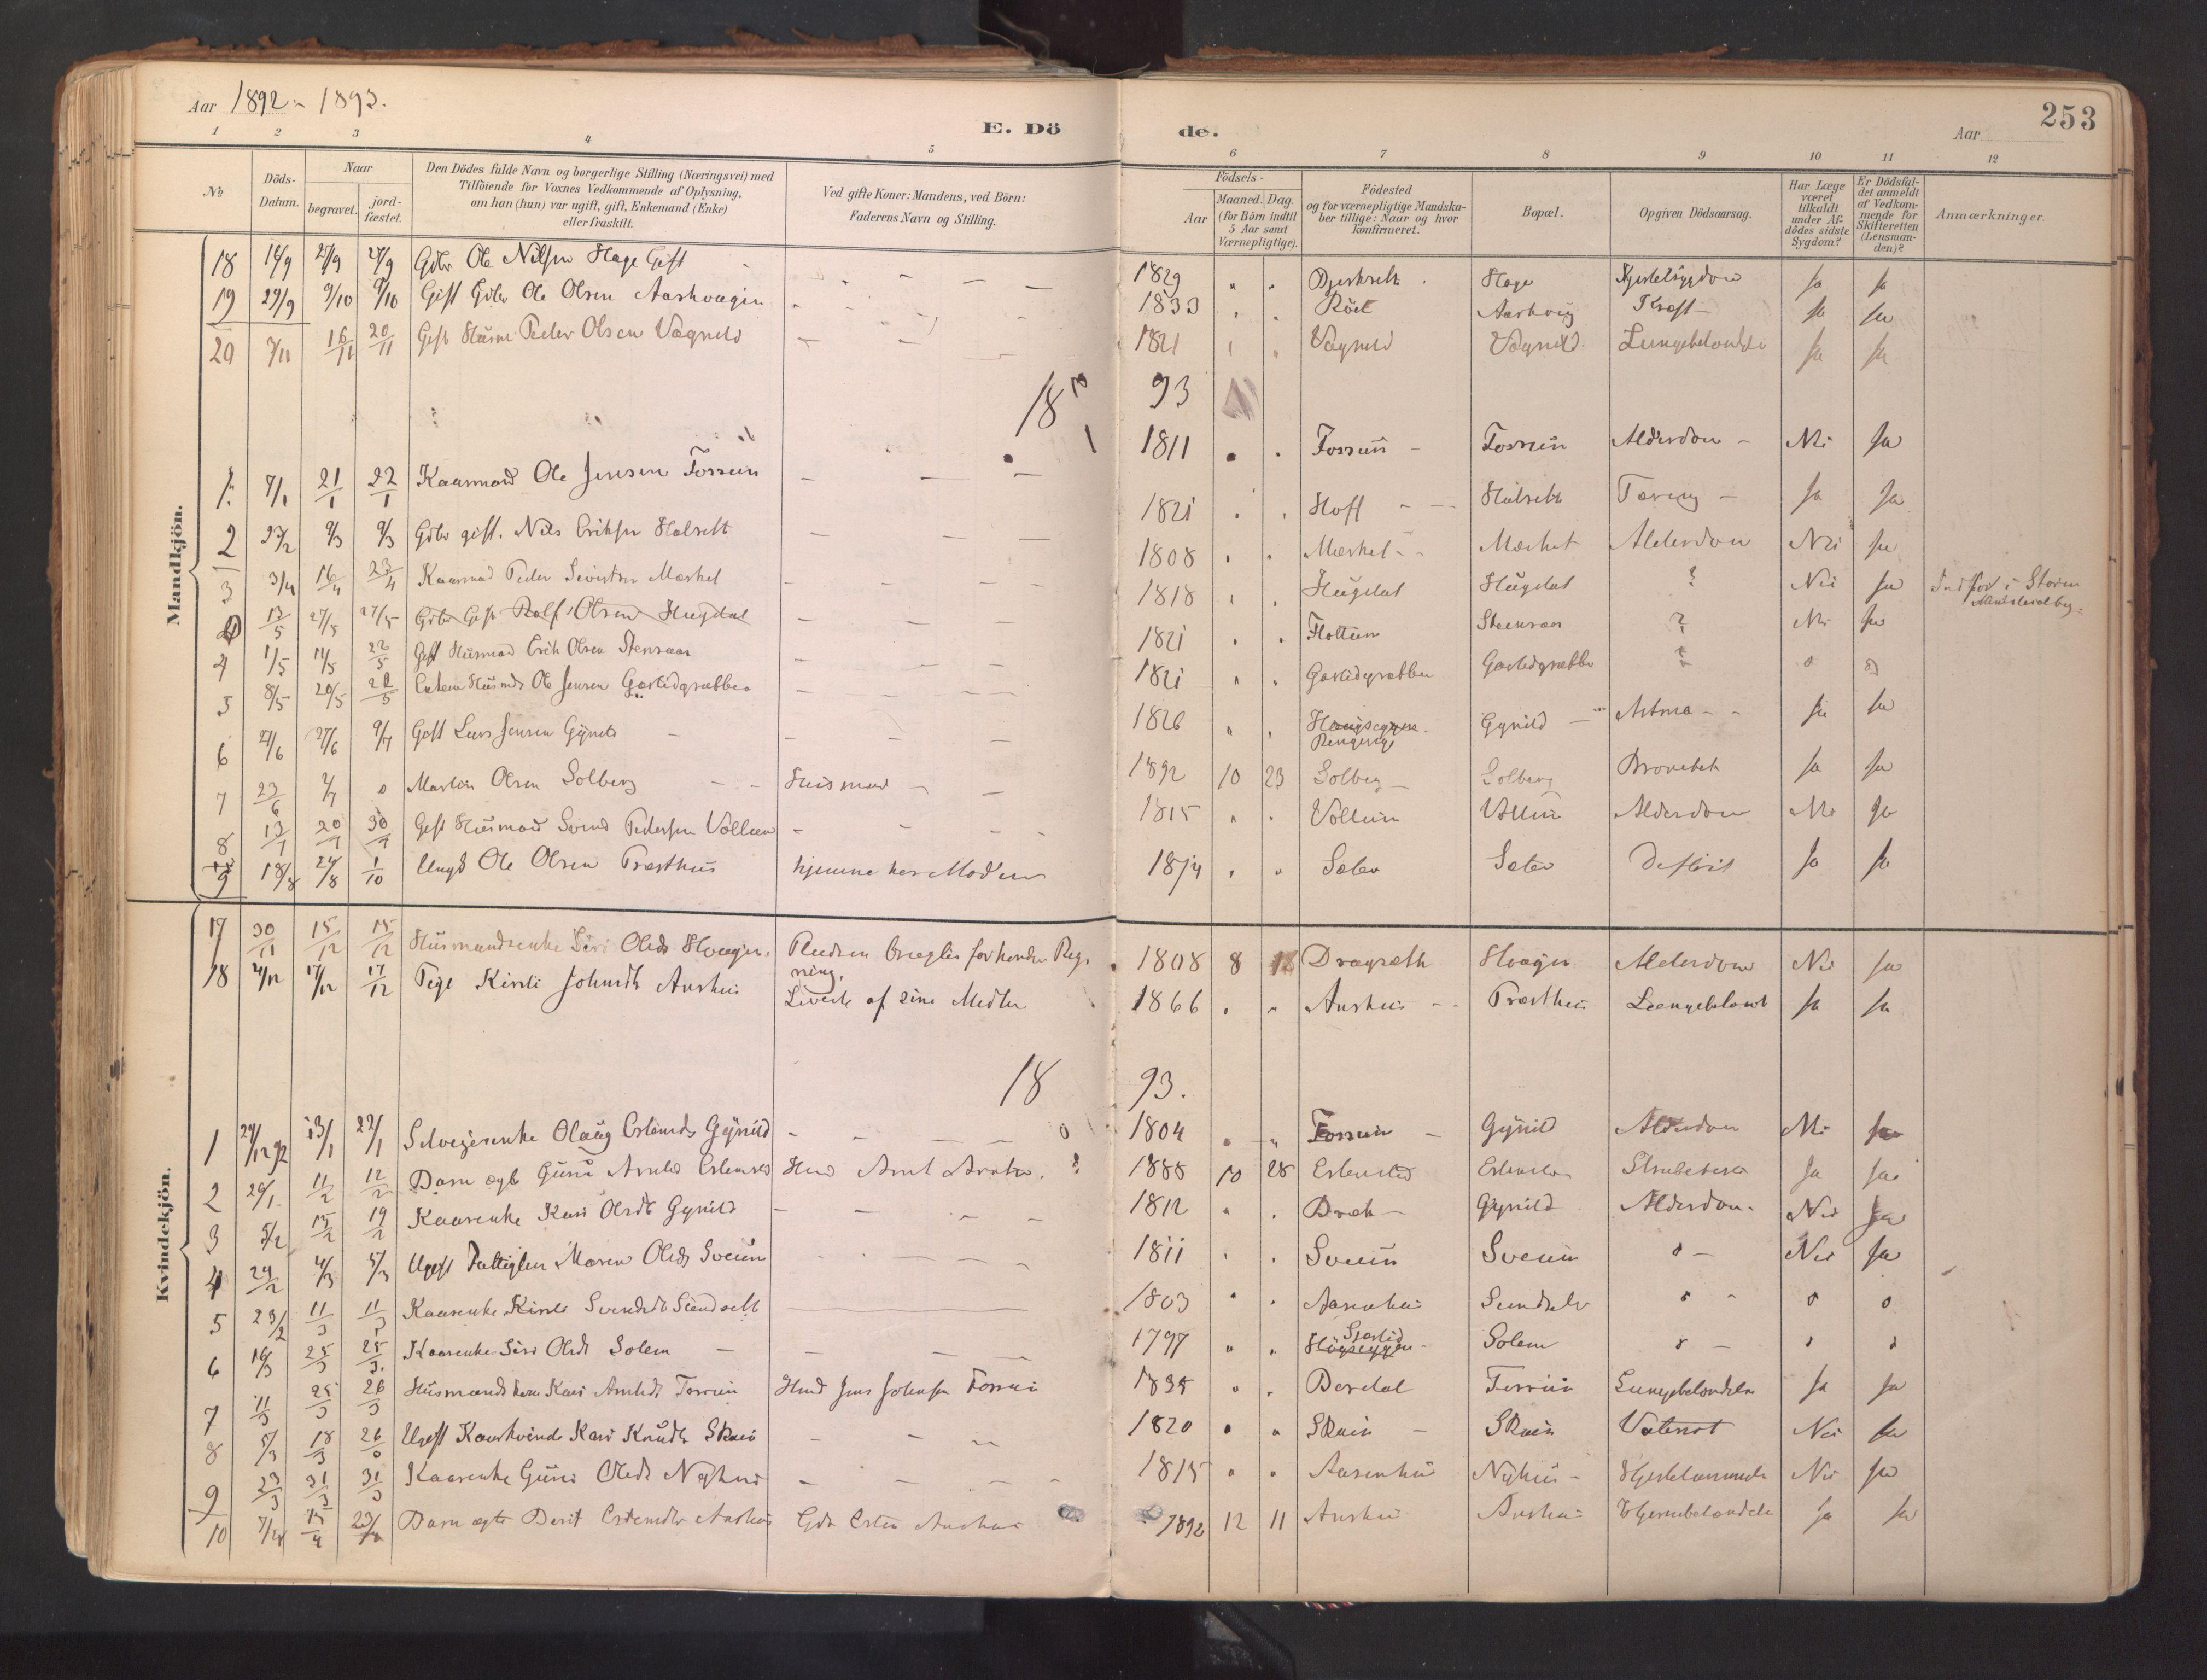 SAT, Ministerialprotokoller, klokkerbøker og fødselsregistre - Sør-Trøndelag, 689/L1041: Ministerialbok nr. 689A06, 1891-1923, s. 253